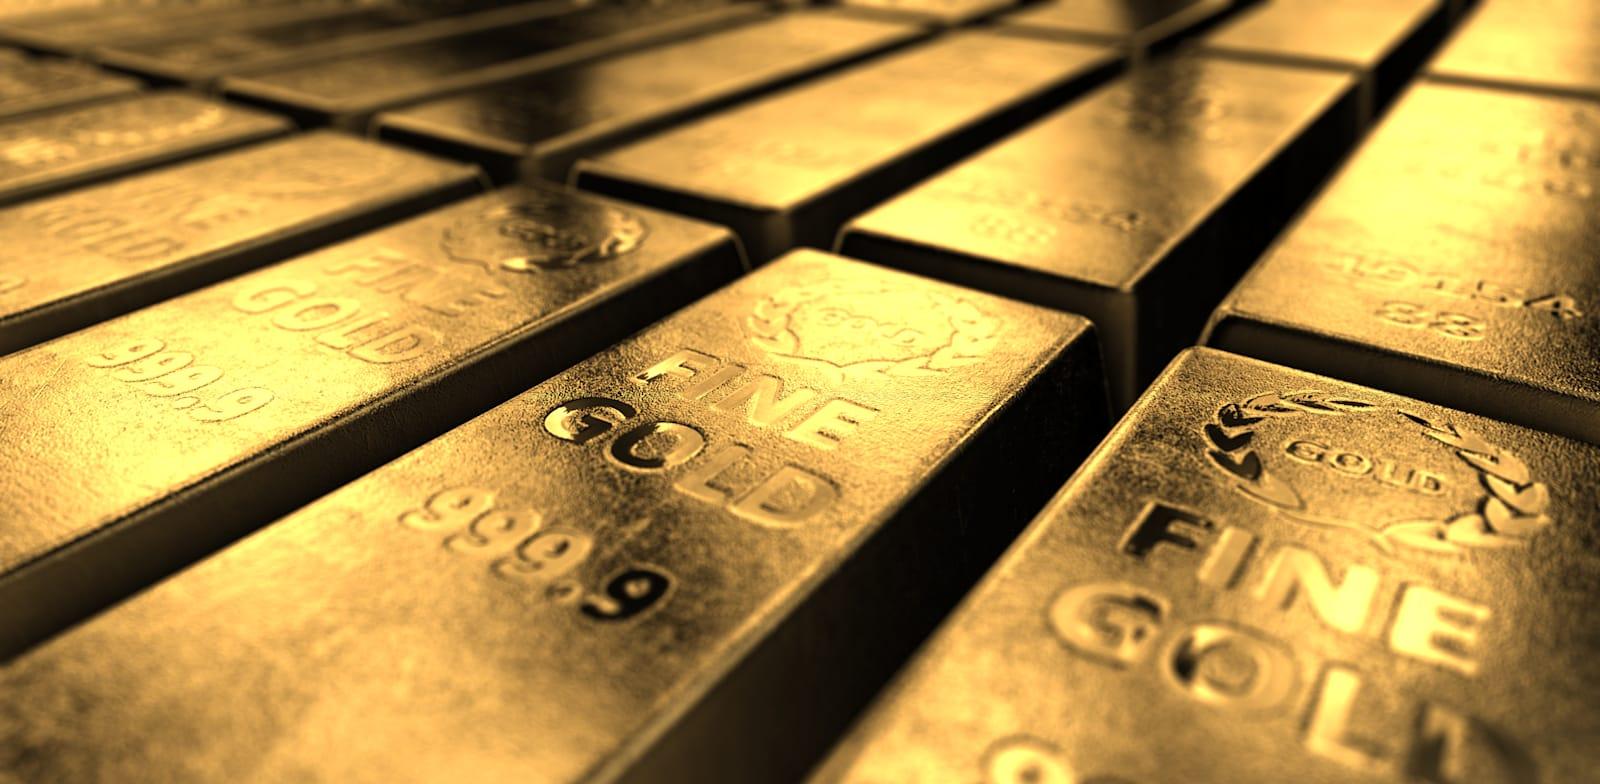 זהב. נכס שמשקיעים משתמשים בו כדי להתגונן מפני אינפלציה / צילום: Shutterstock, 3Defokes